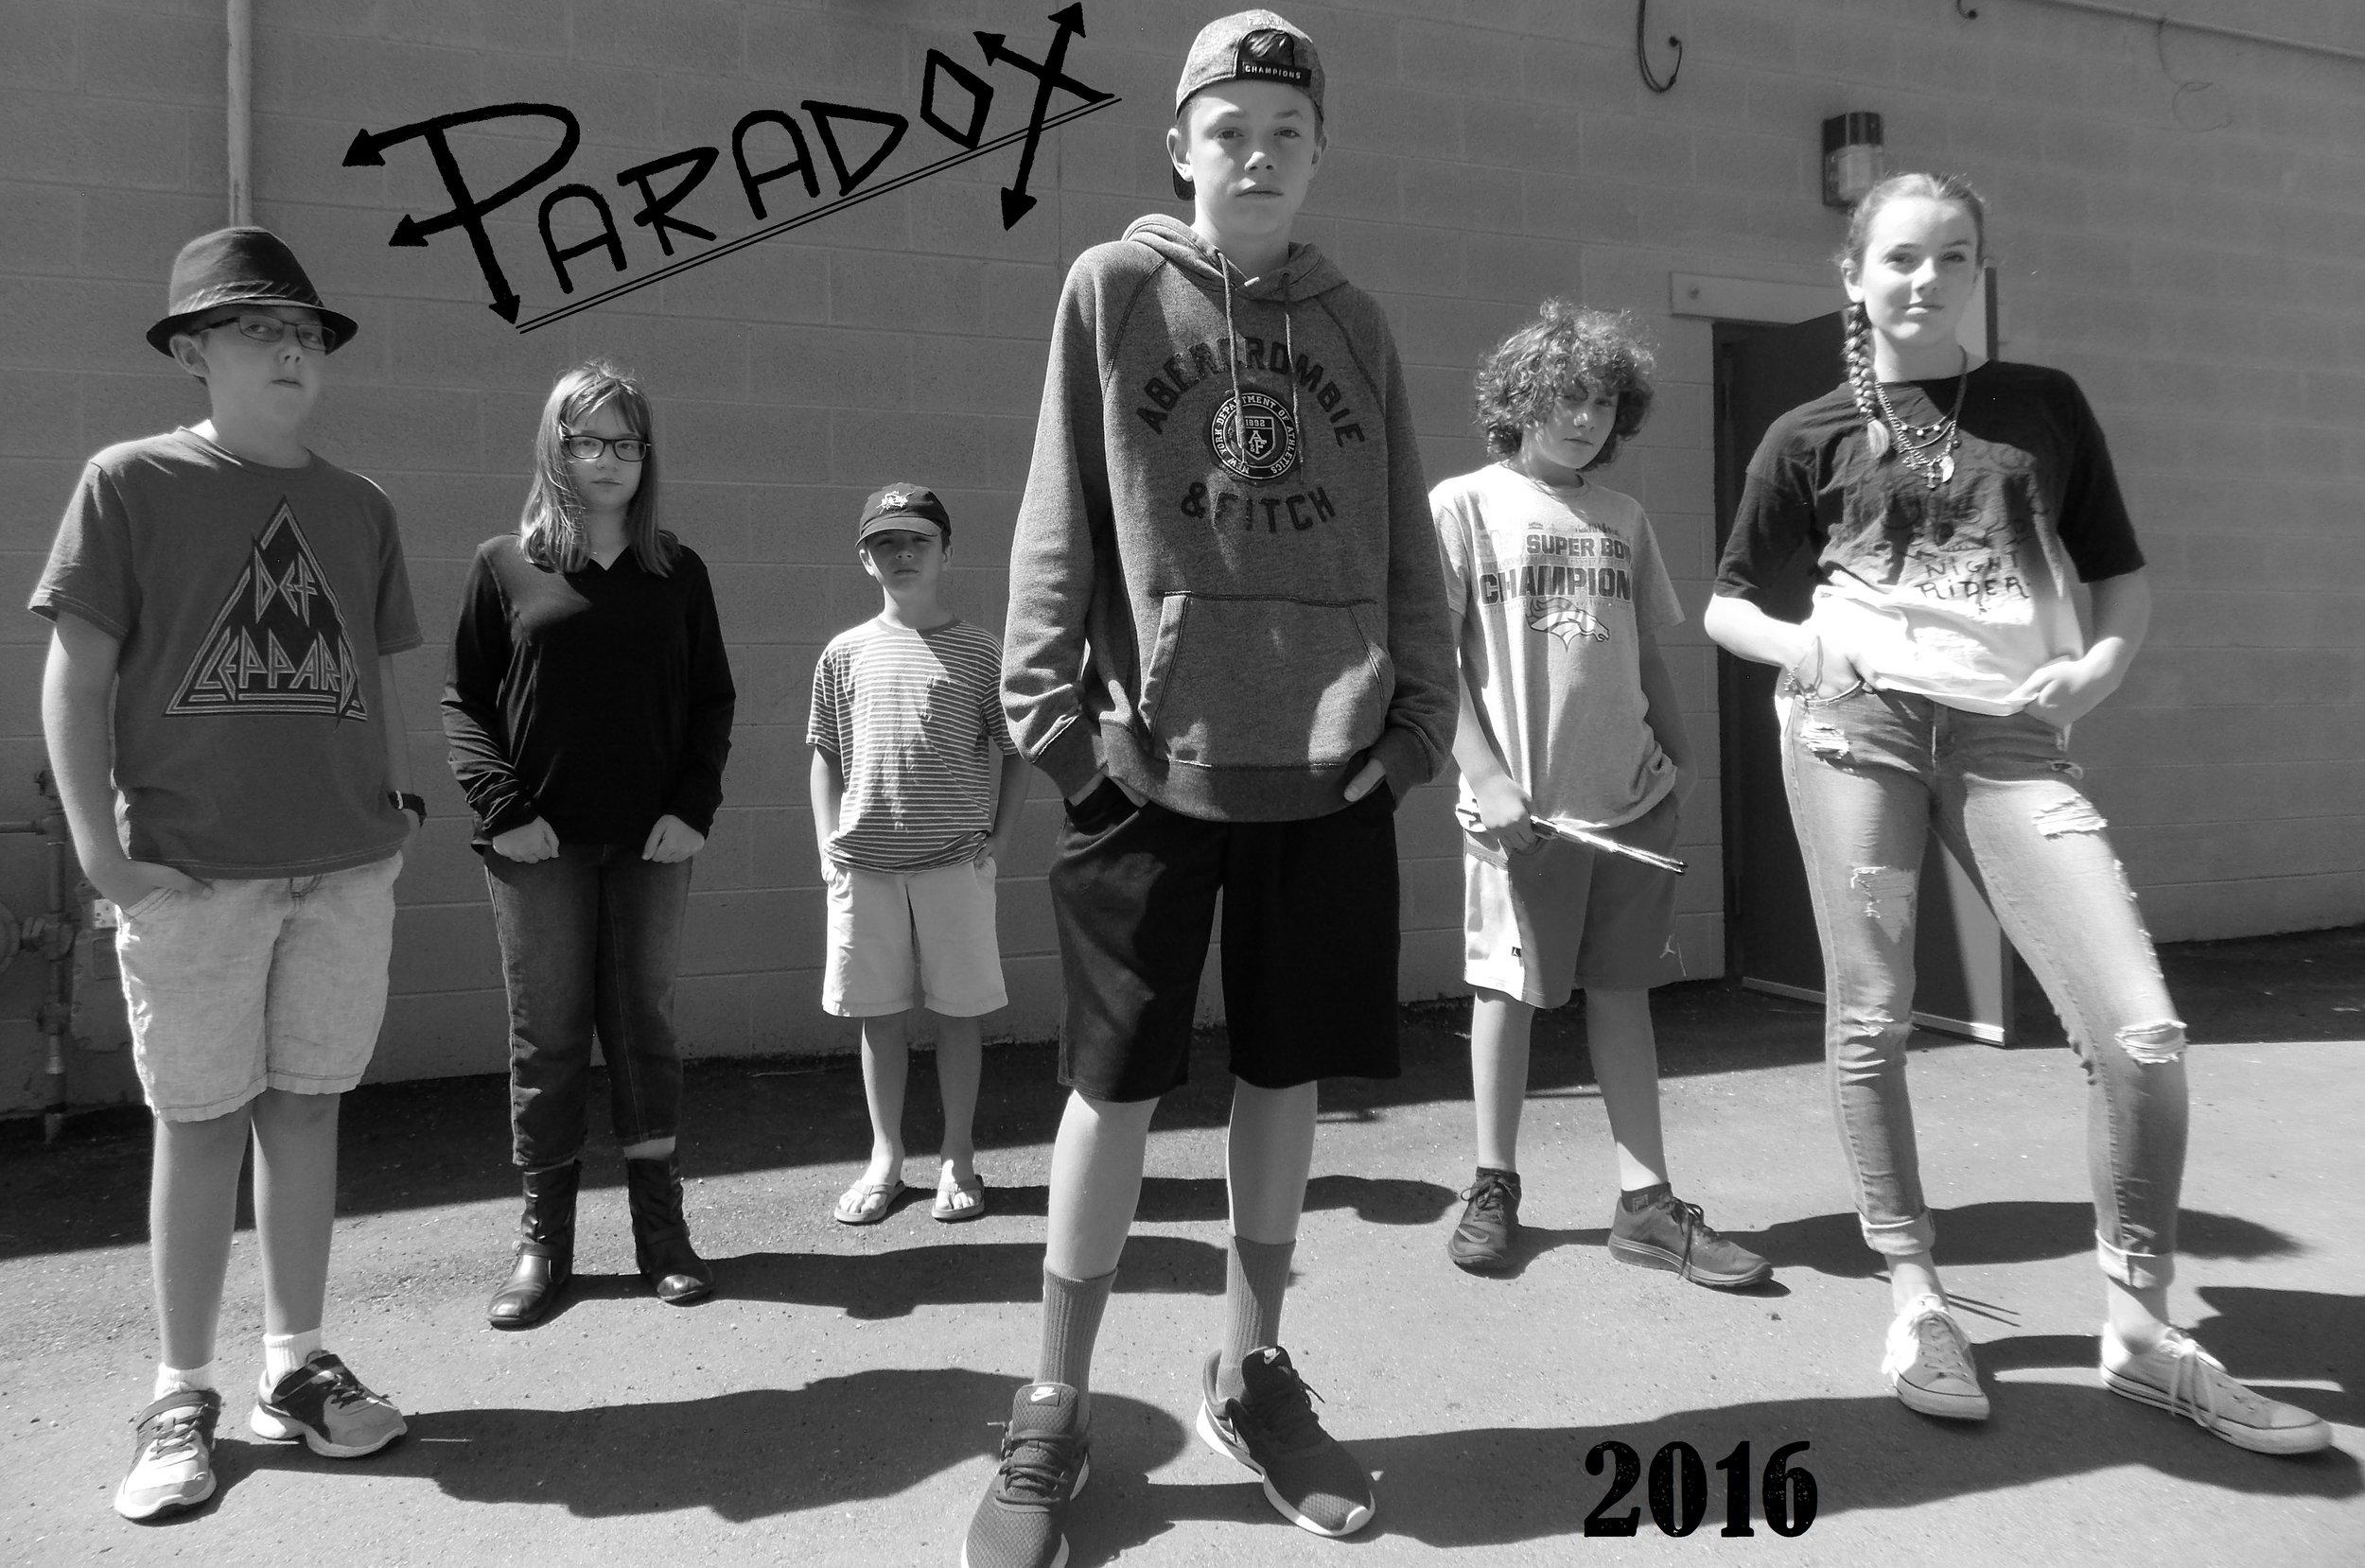 Paradox-Band-Photo-2.jpg